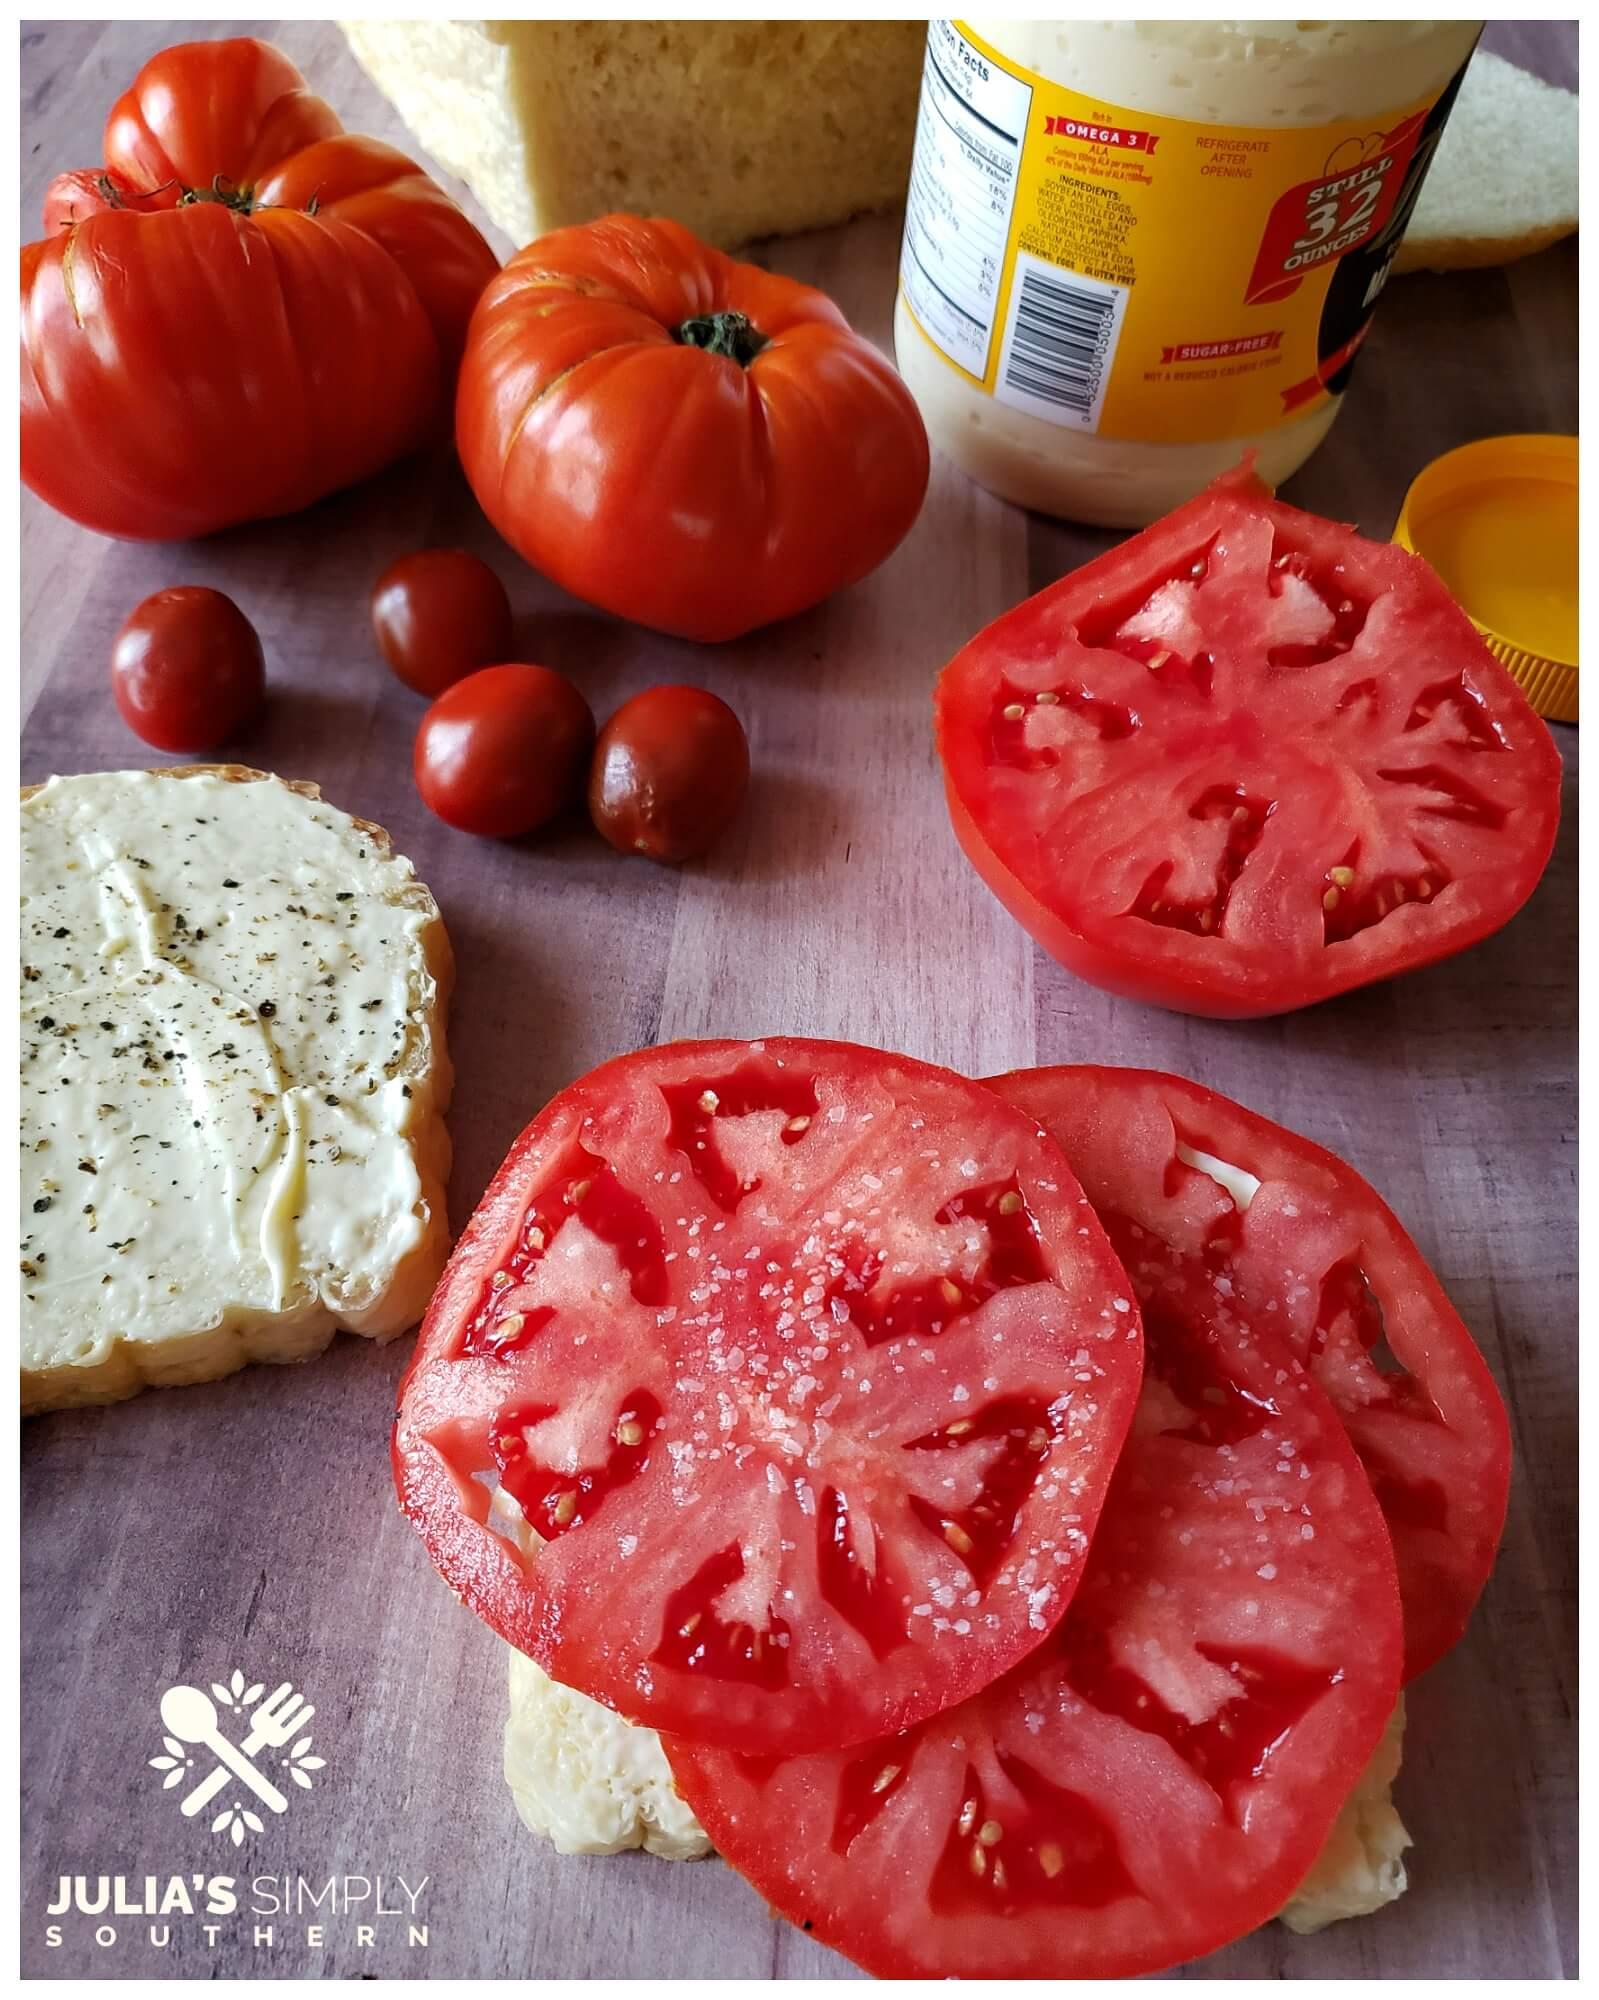 Duke's Mayonnaise Southern Tomato Sandwich Recipe